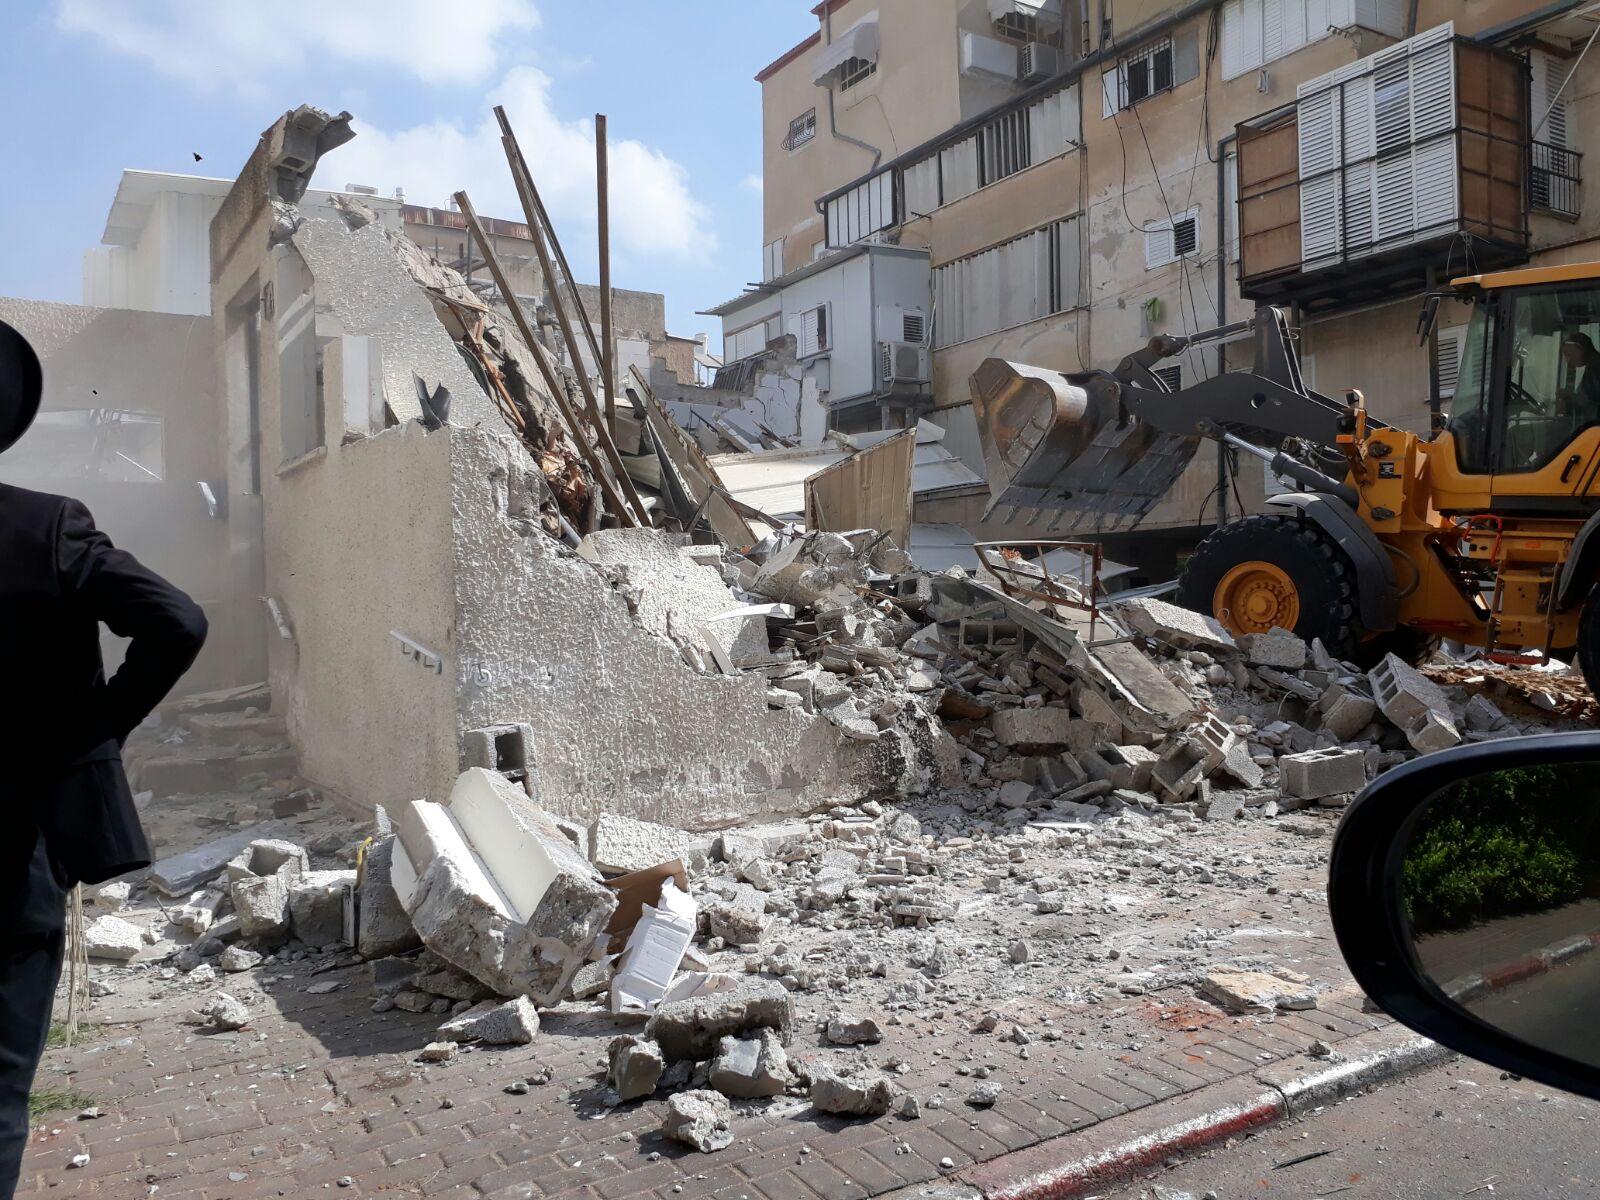 היסטוריה בני ברקית: בית המדרש הישן נהרס • צפו